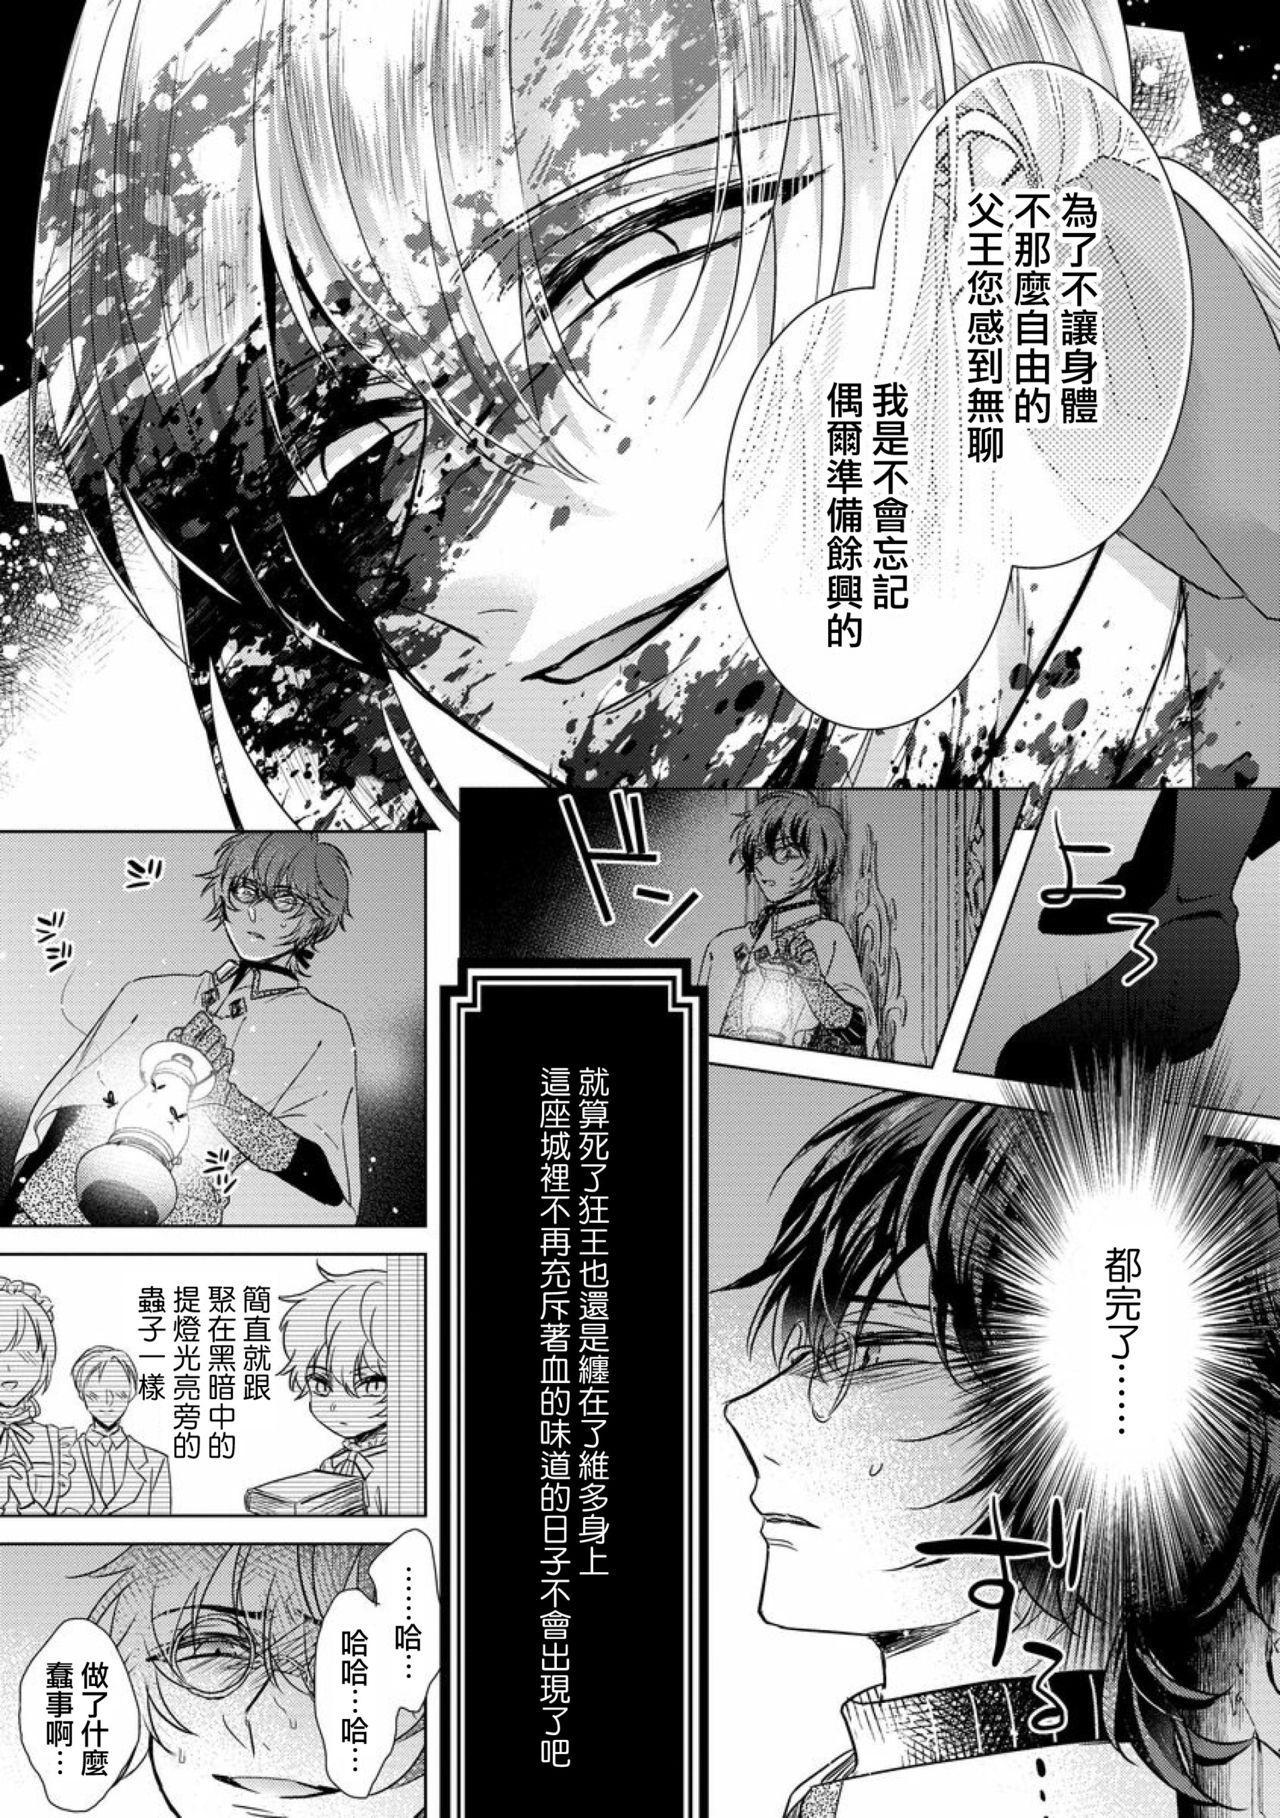 [Saotome Mokono] Kyououji no Ibitsu na Shuuai ~Nyotaika Knight no Totsukitooka~ Ch. 12 [Chinese] [瑞树汉化组] [Digital] 22